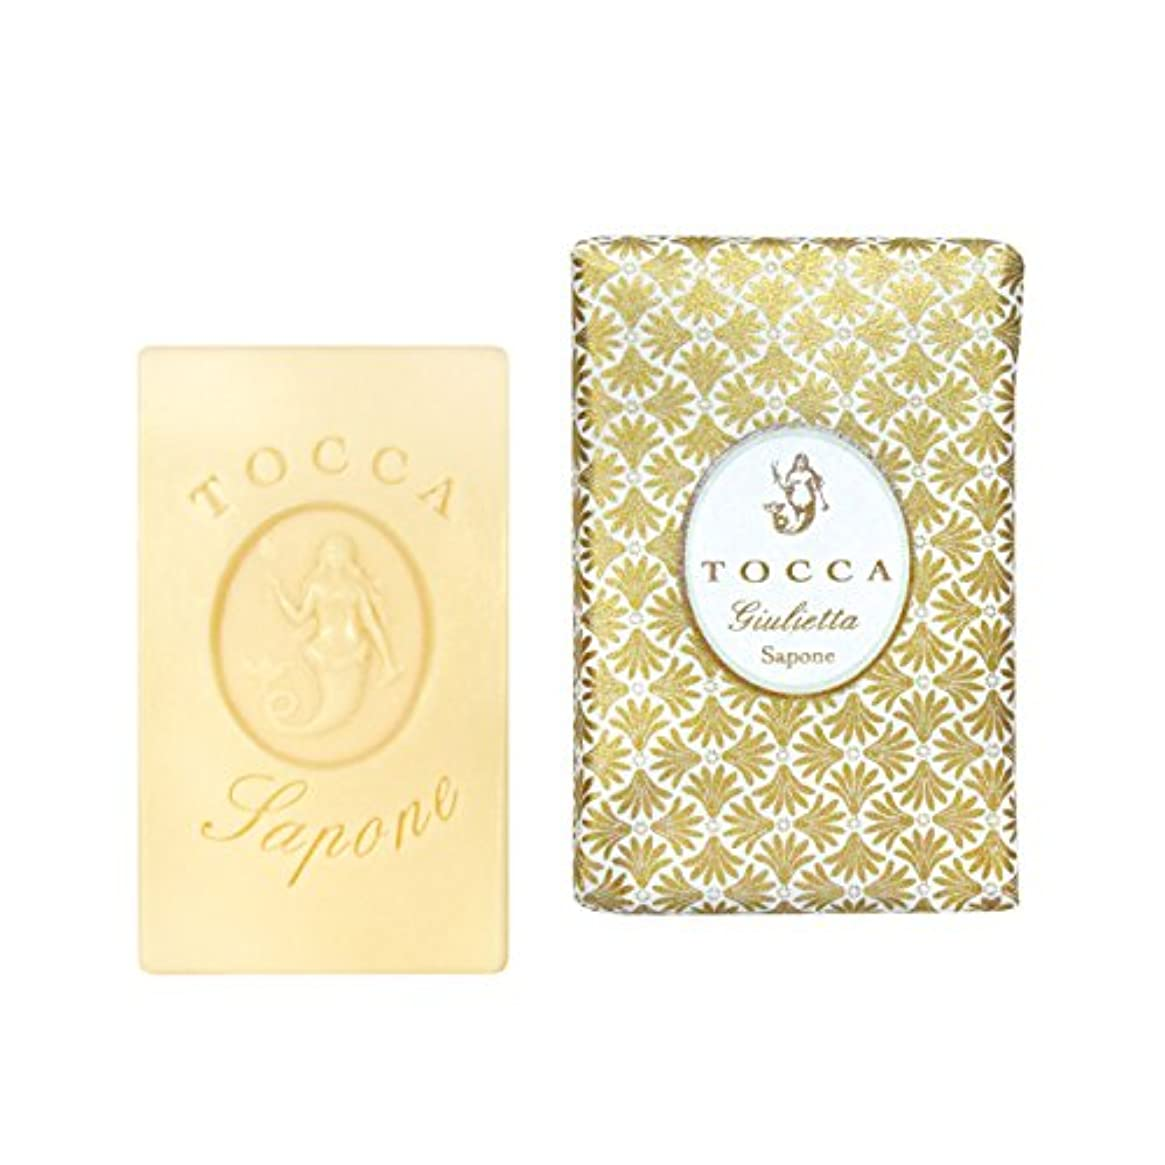 レパートリースポット嵐のトッカ(TOCCA) ソープバー ジュリエッタの香り 113g(化粧石けん ピンクチューリップとグリーンアップルの爽やかで甘い香り)